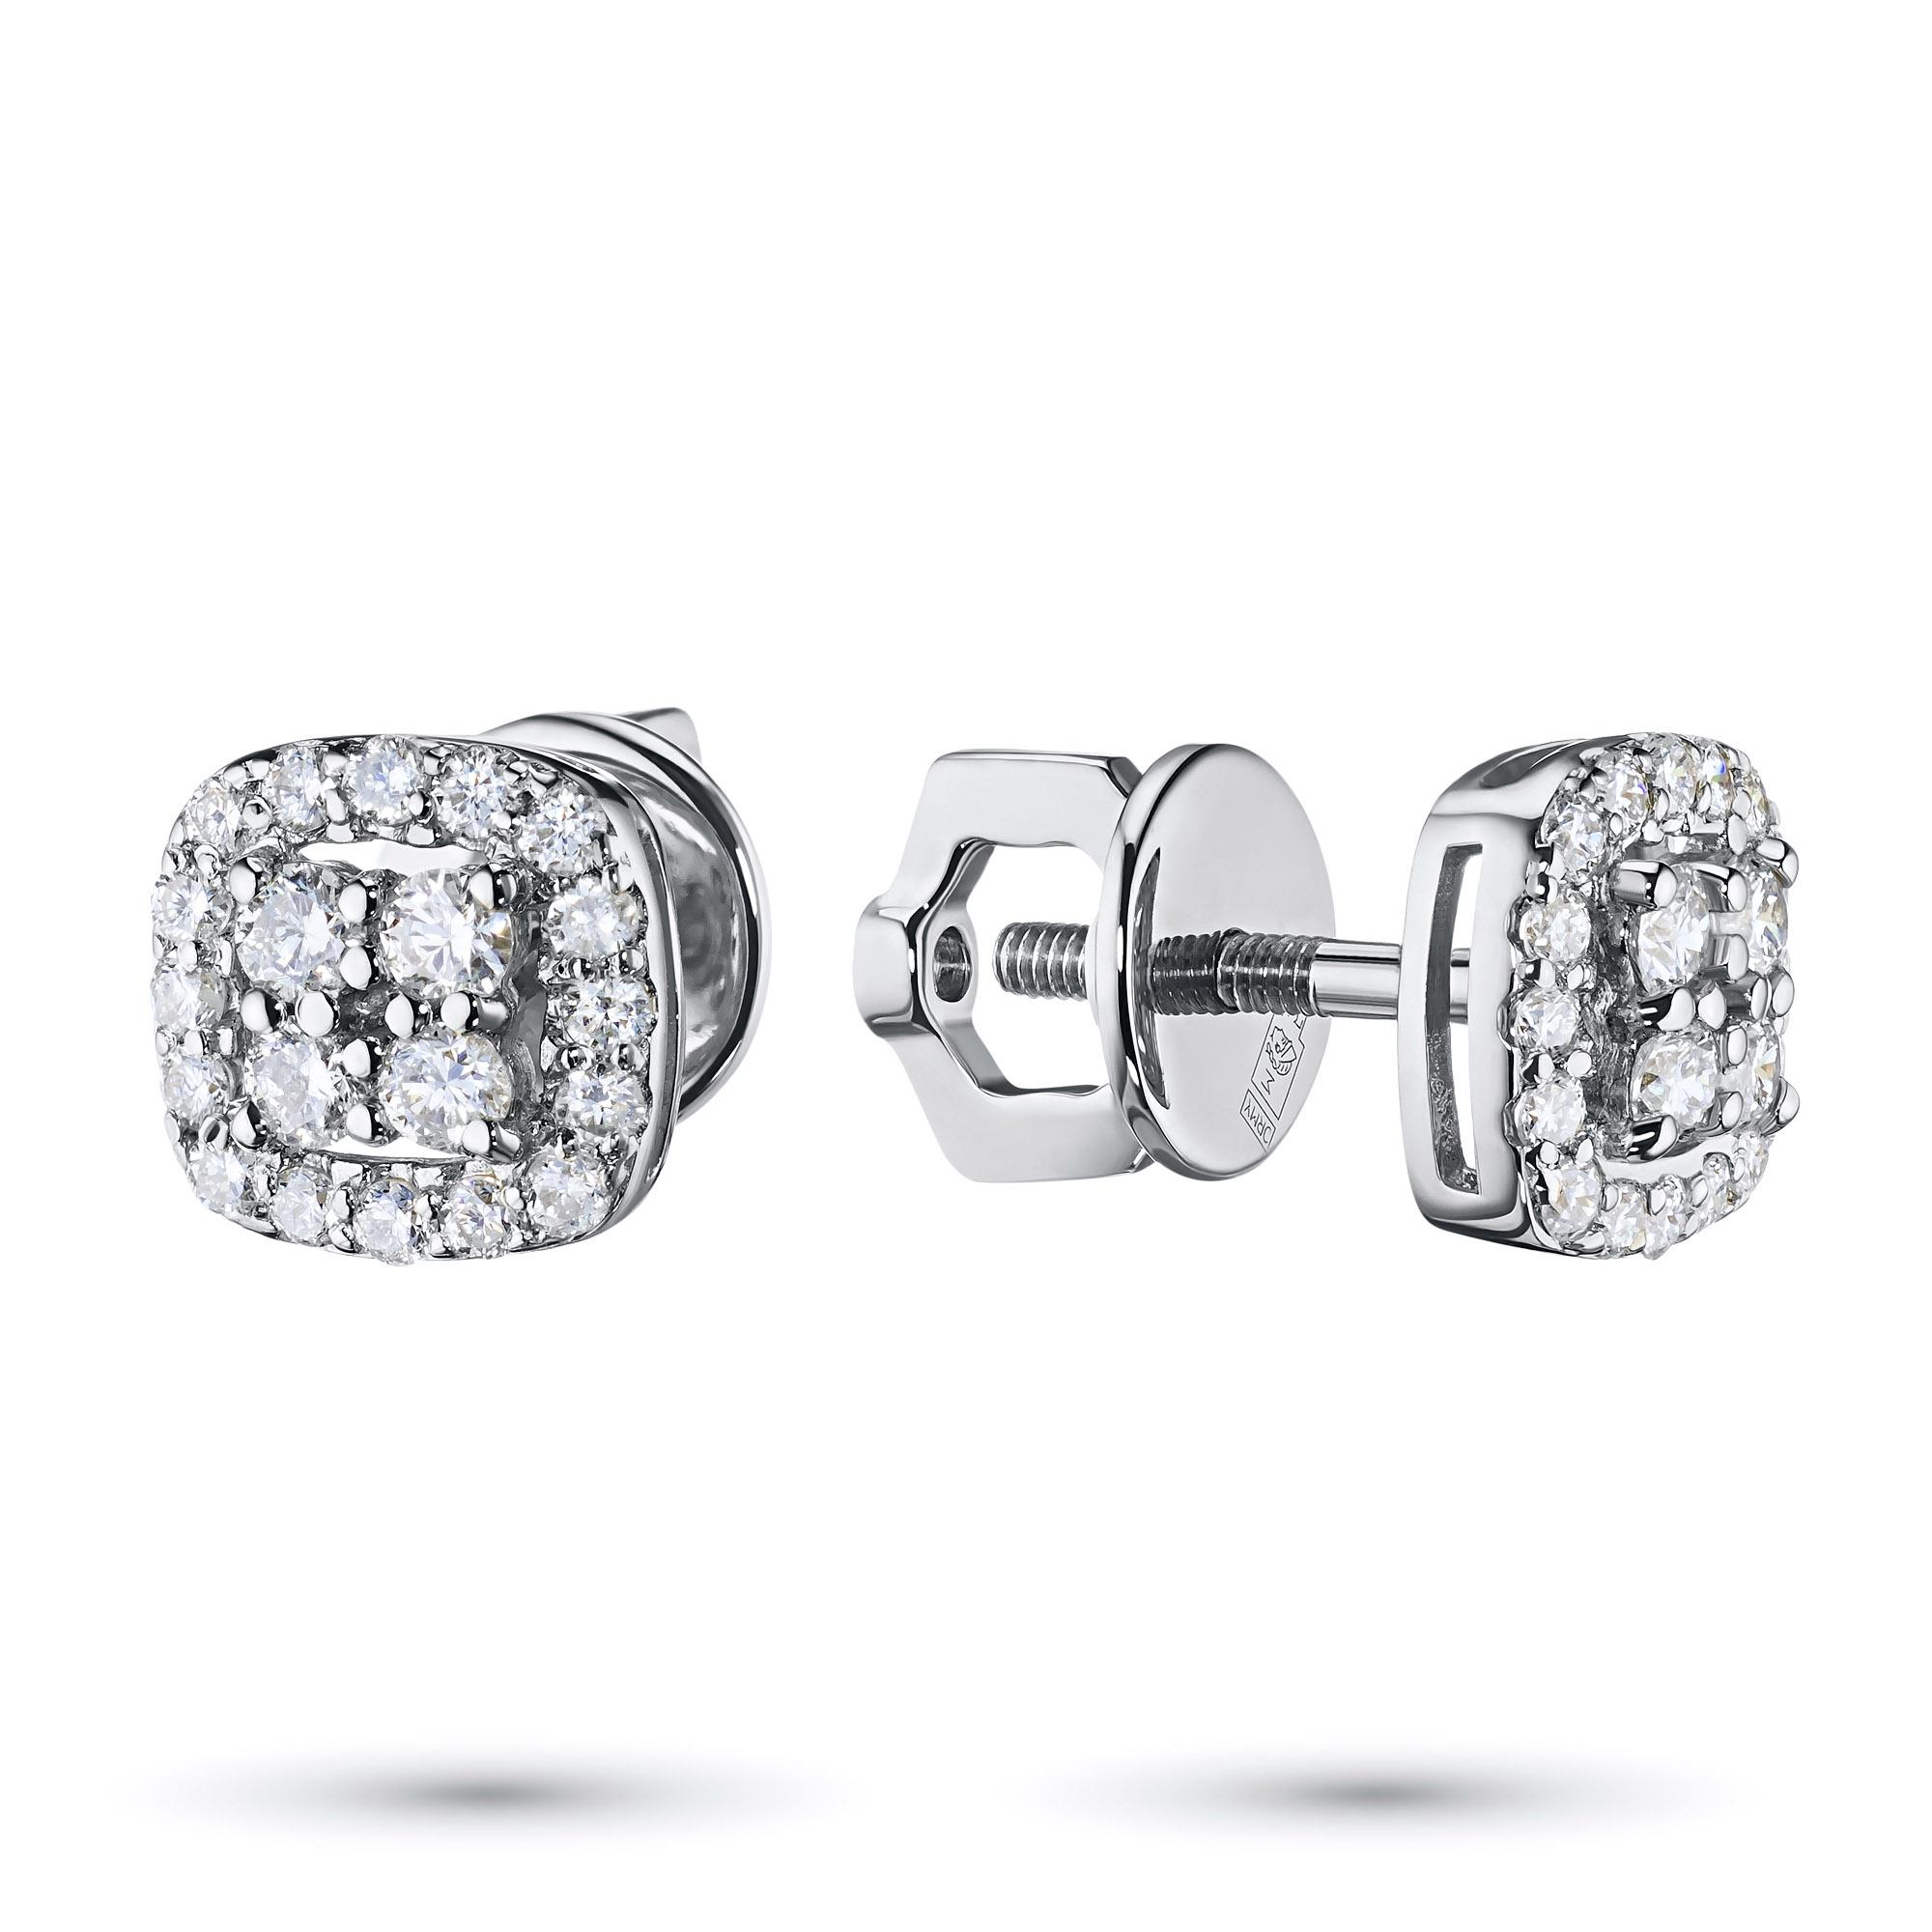 Пусеты из белого золота с бриллиантами э0901пс03174000 э0901пс03174000